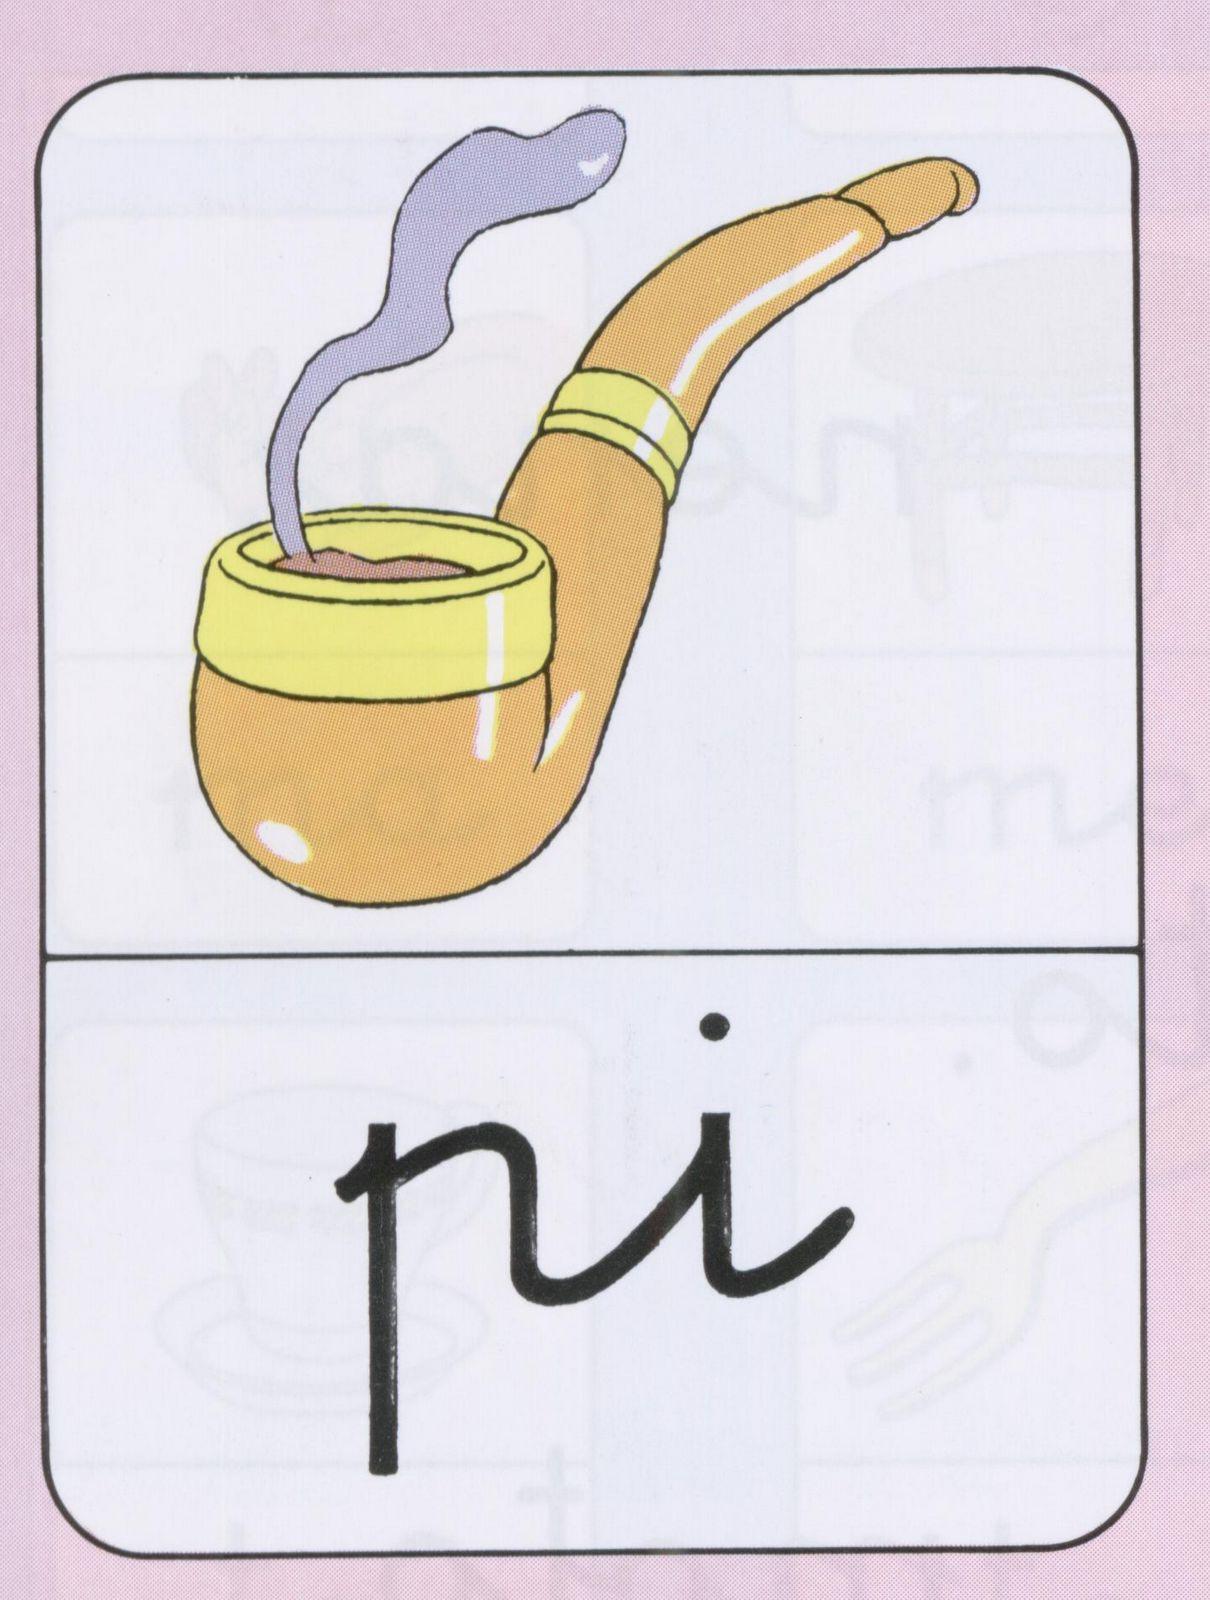 ilustradas para formar palavras em espanhol espanhol para crianças #A68125 1210 1600